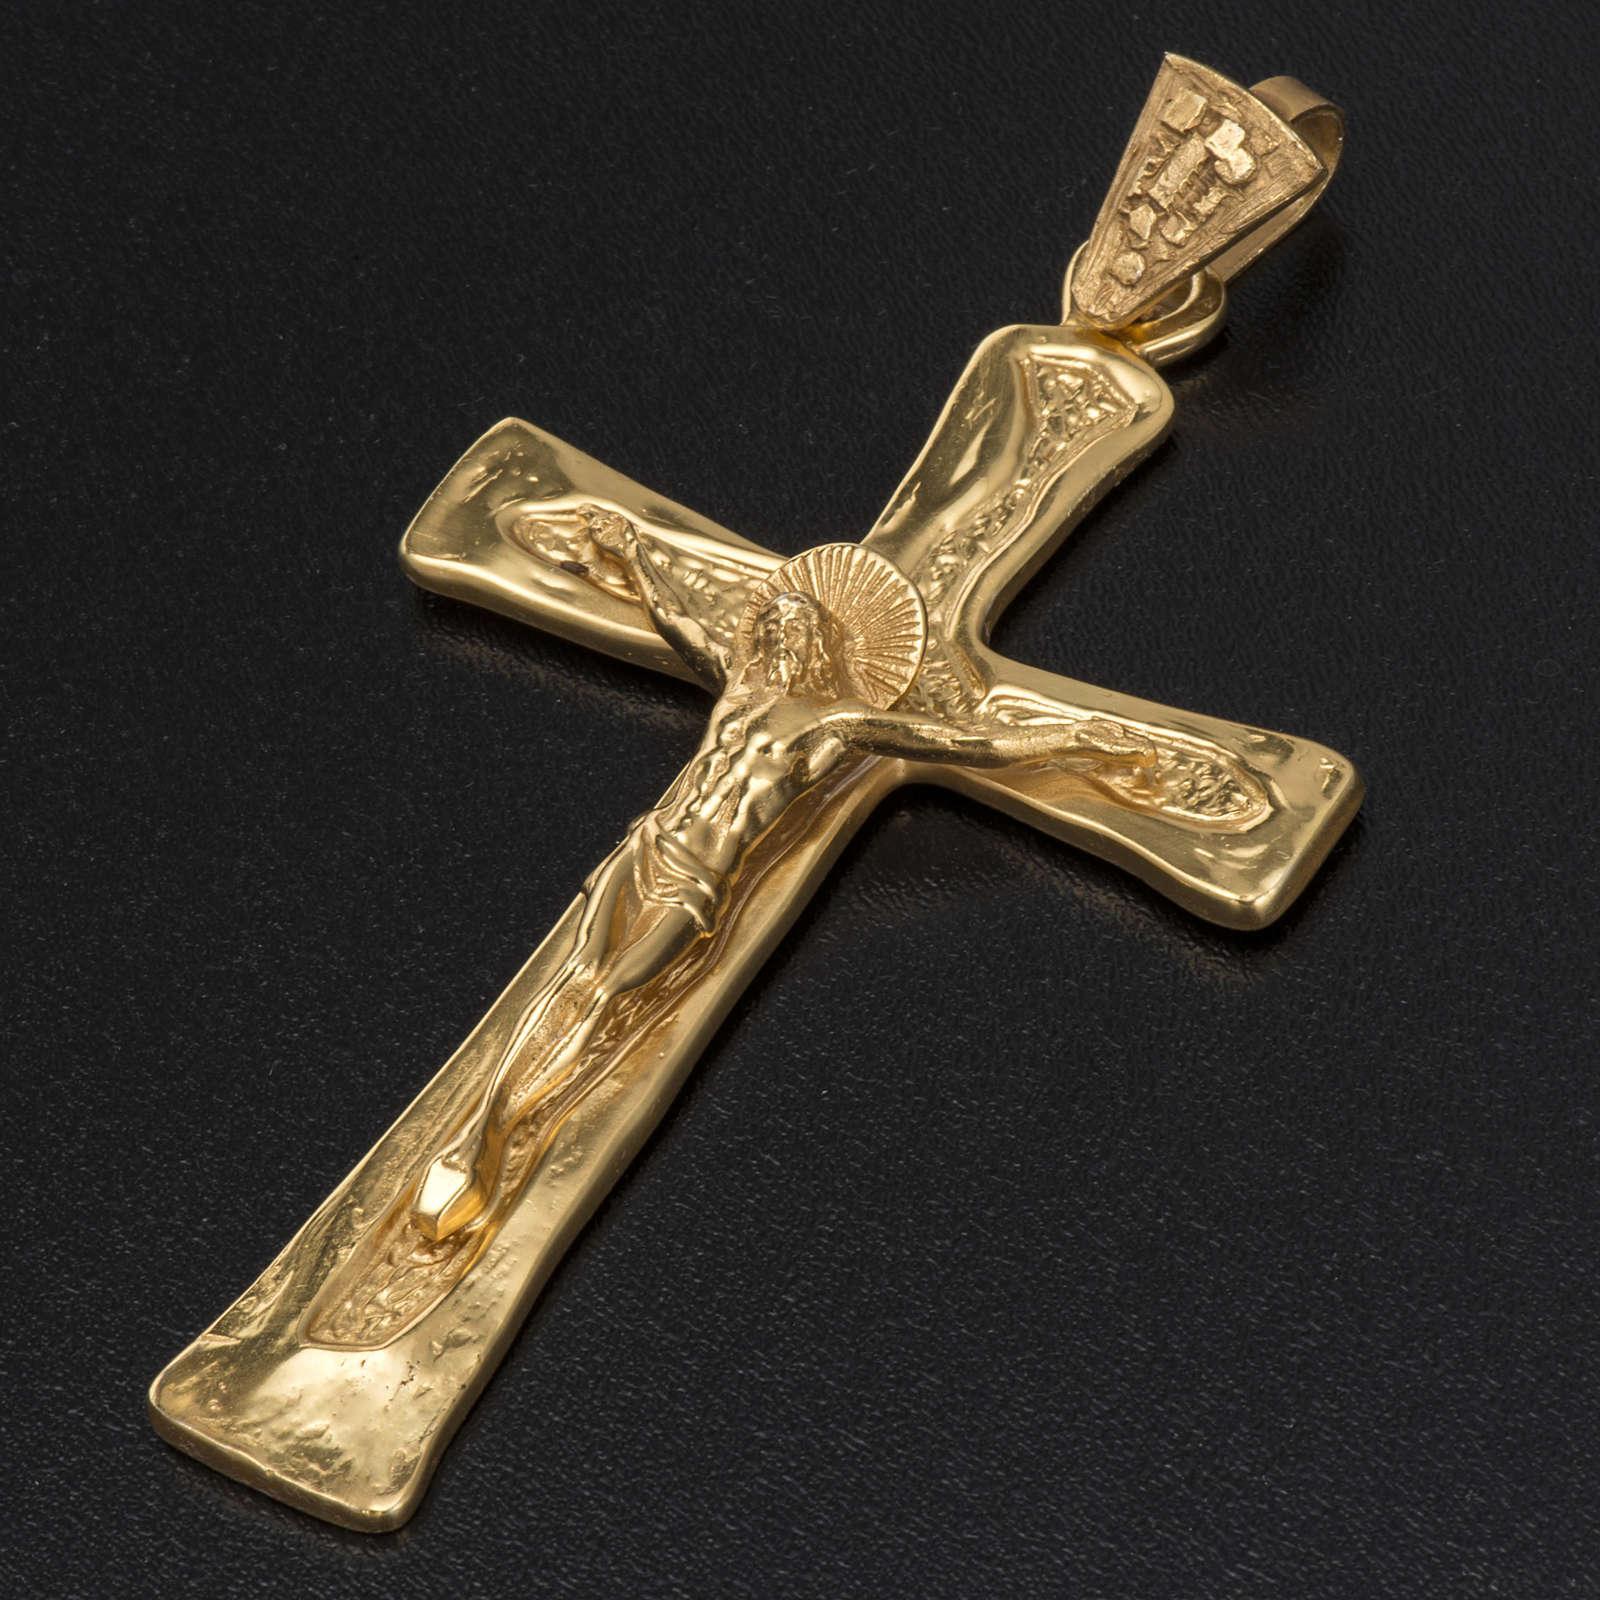 Cruz peitoral prata 925 dourada 3